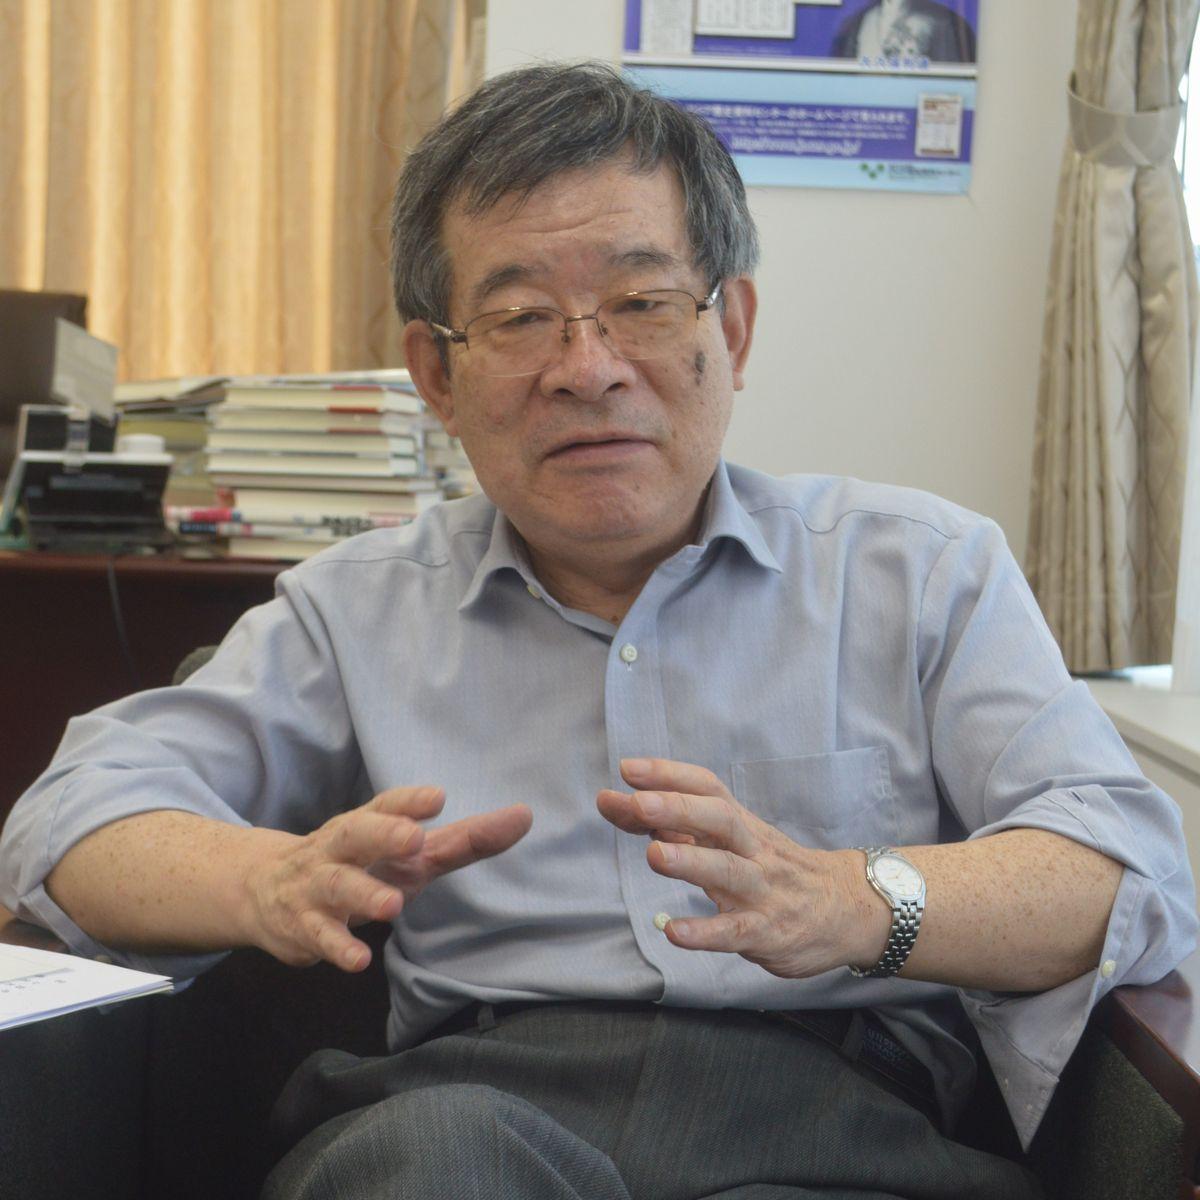 写真・図版 : 波多野澄雄・筑波大学名誉教授(日本政治外交史)